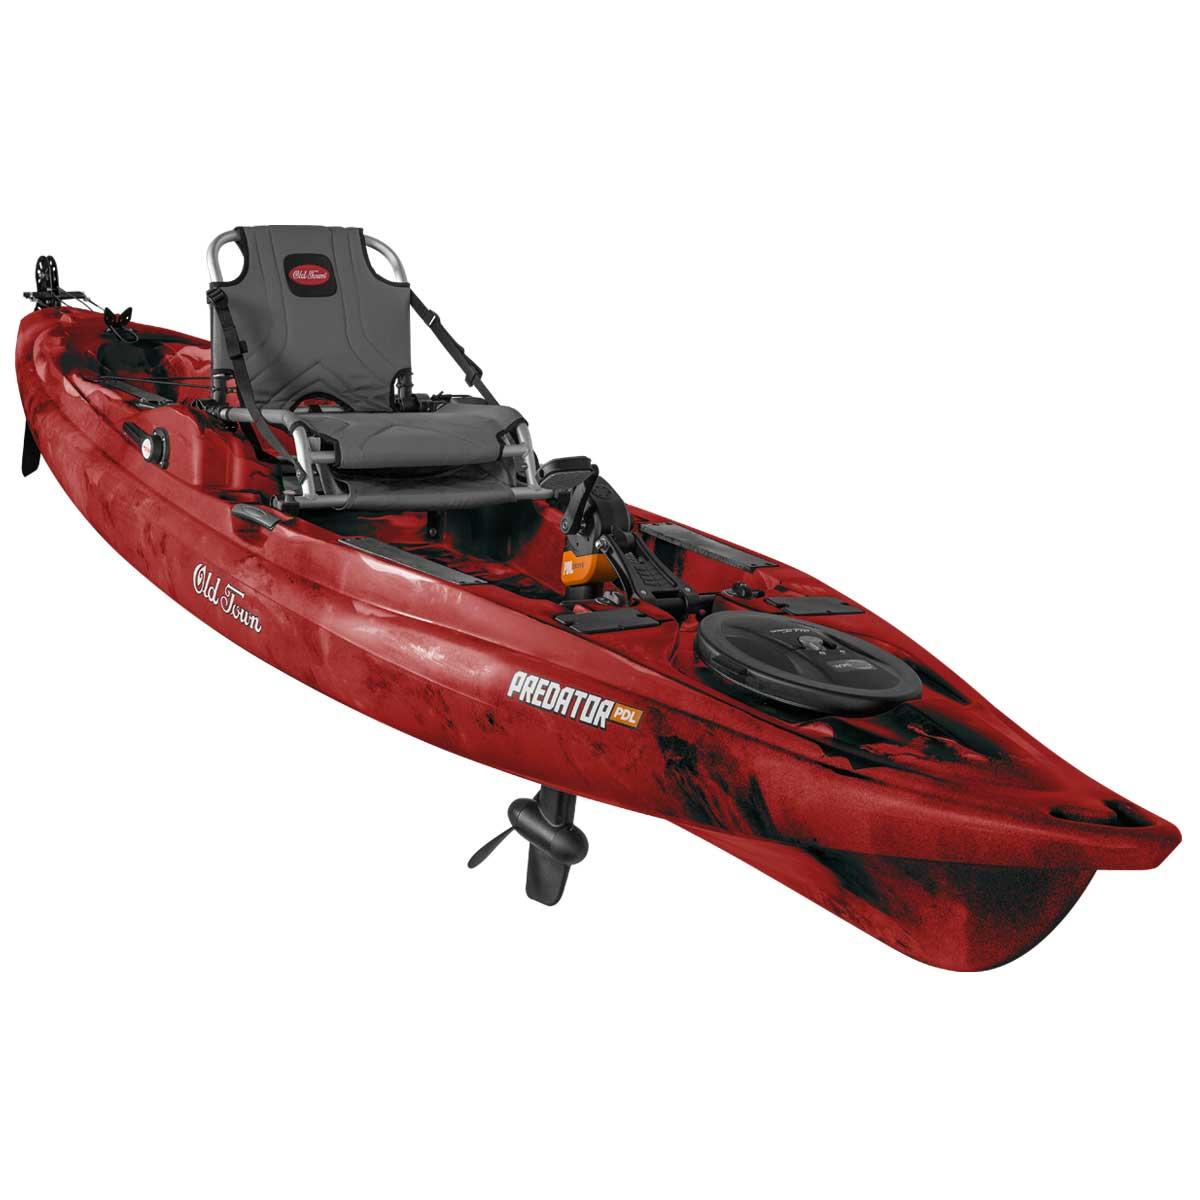 Ocean Kayak For Sale >> 2018 Ocean Kayak Predator Pedal Drive For Sale In Wailuku Maui Hi